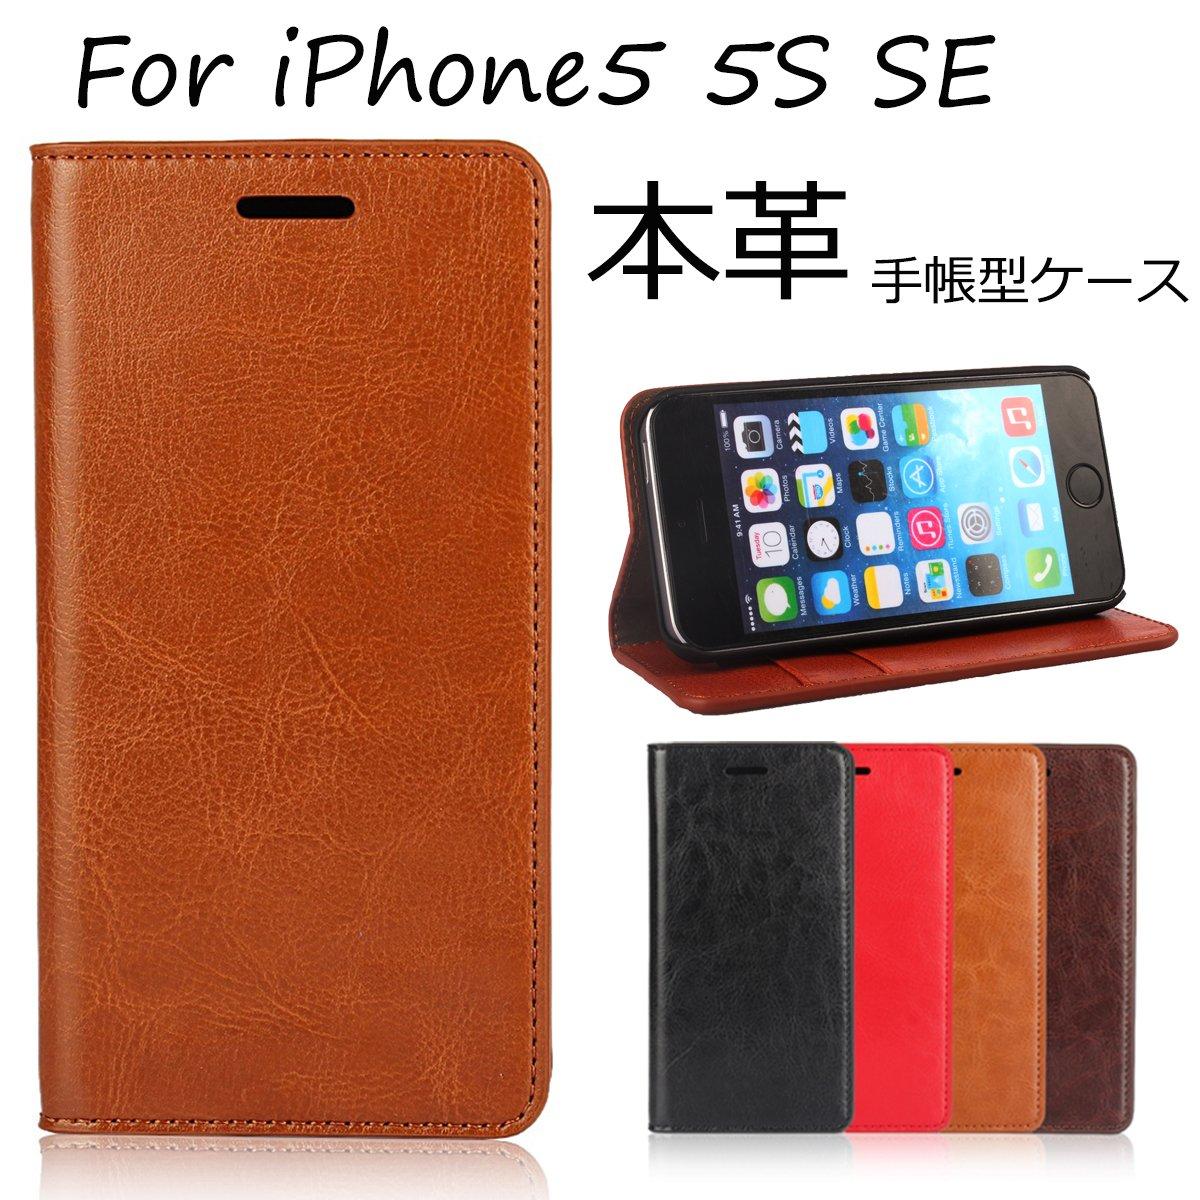 d4b6442492 アイフォン iPhone 5 5s SE ケース カバー 手帳型 本革 レザー 財布型 カードポケット